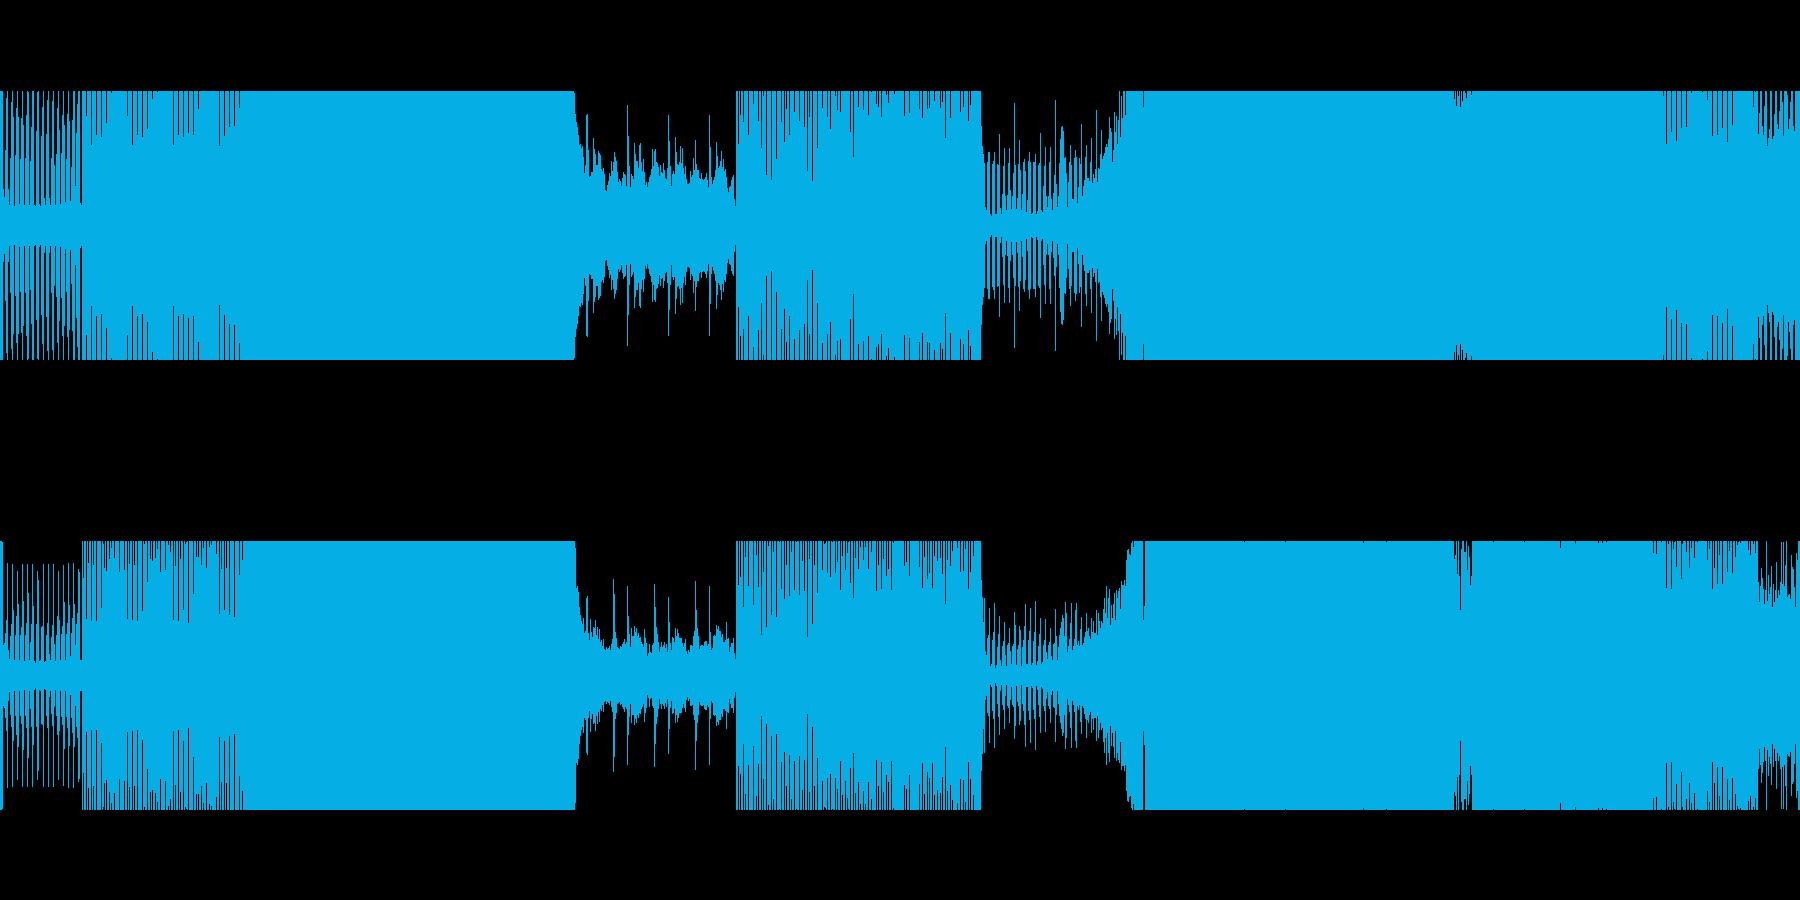 ゲーム/映像:四つ打ち〜テクノハウスの再生済みの波形